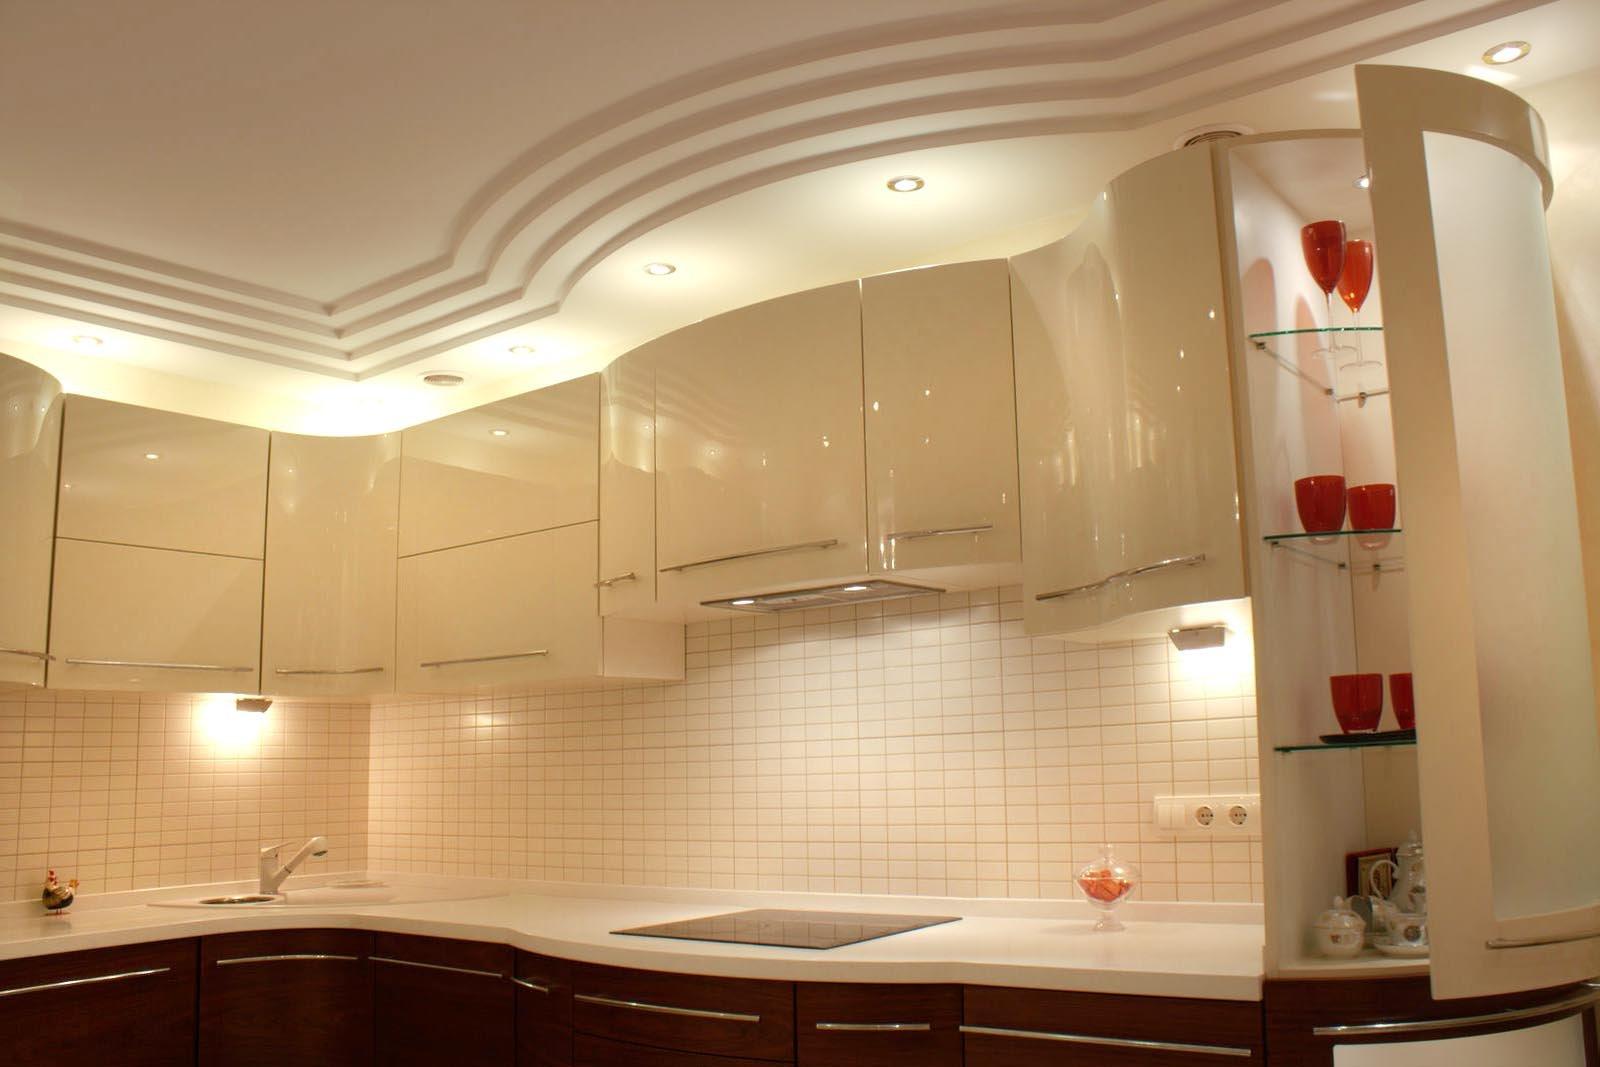 Многоуровневый потолок с подсветкой из гипсокартона в кухне